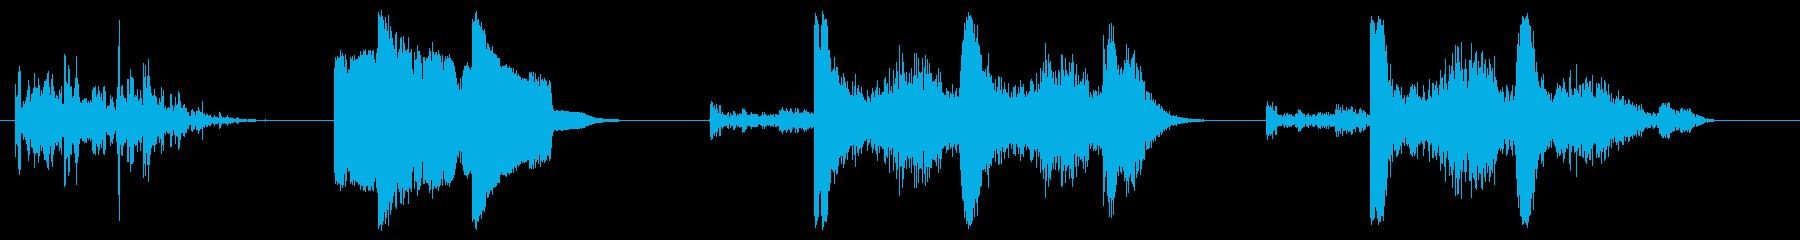 漫画-サンダー-4バージョンの再生済みの波形